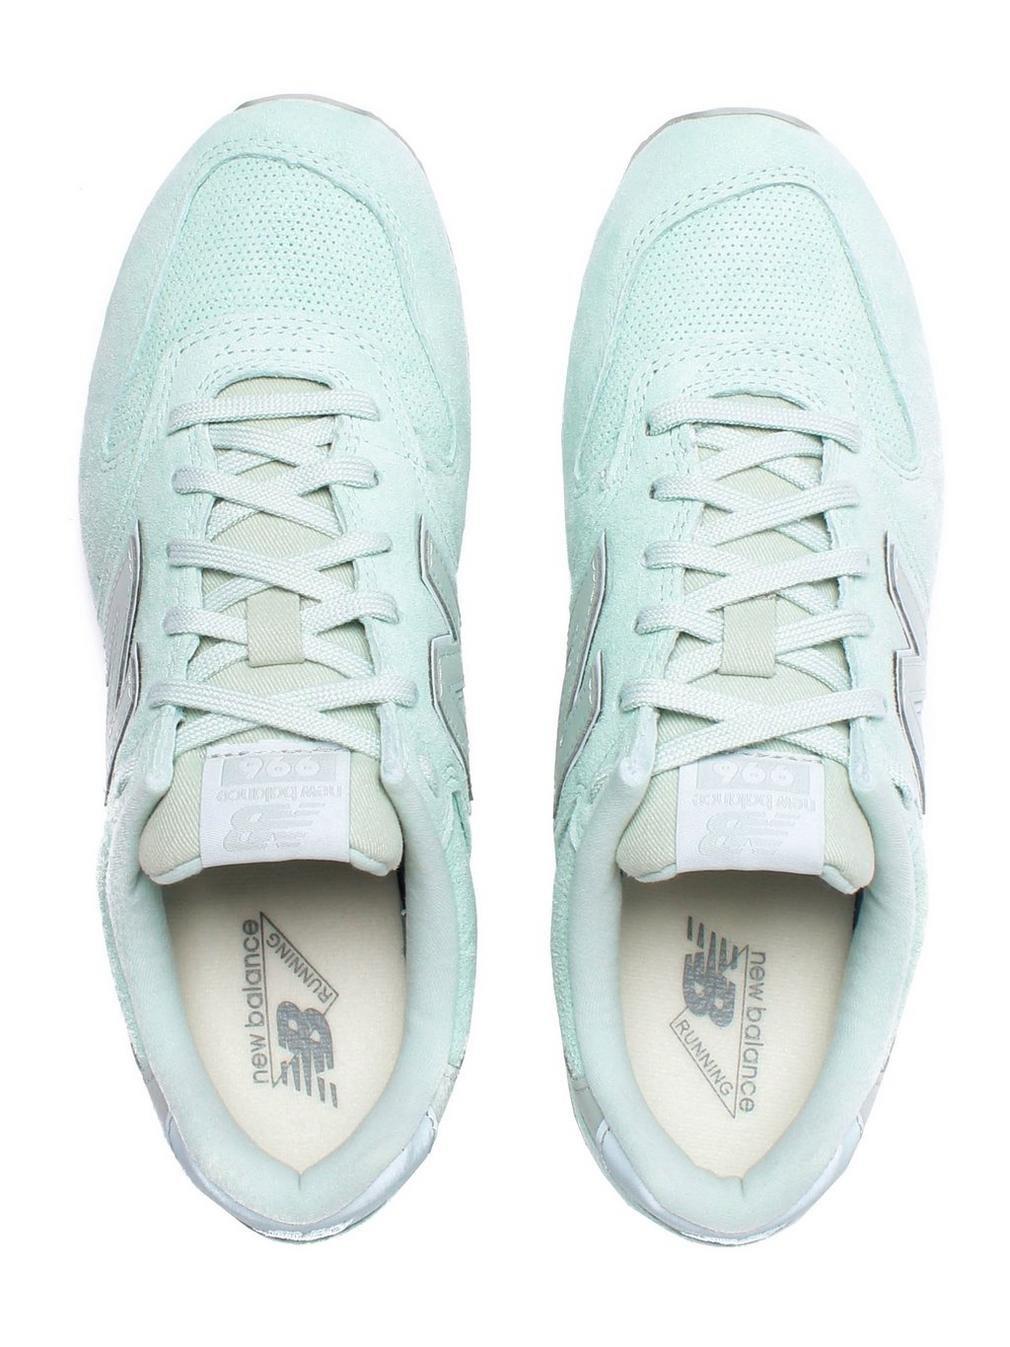 D New Balance Wr996 Wpm Sneaker Damen Yvf6bg7y